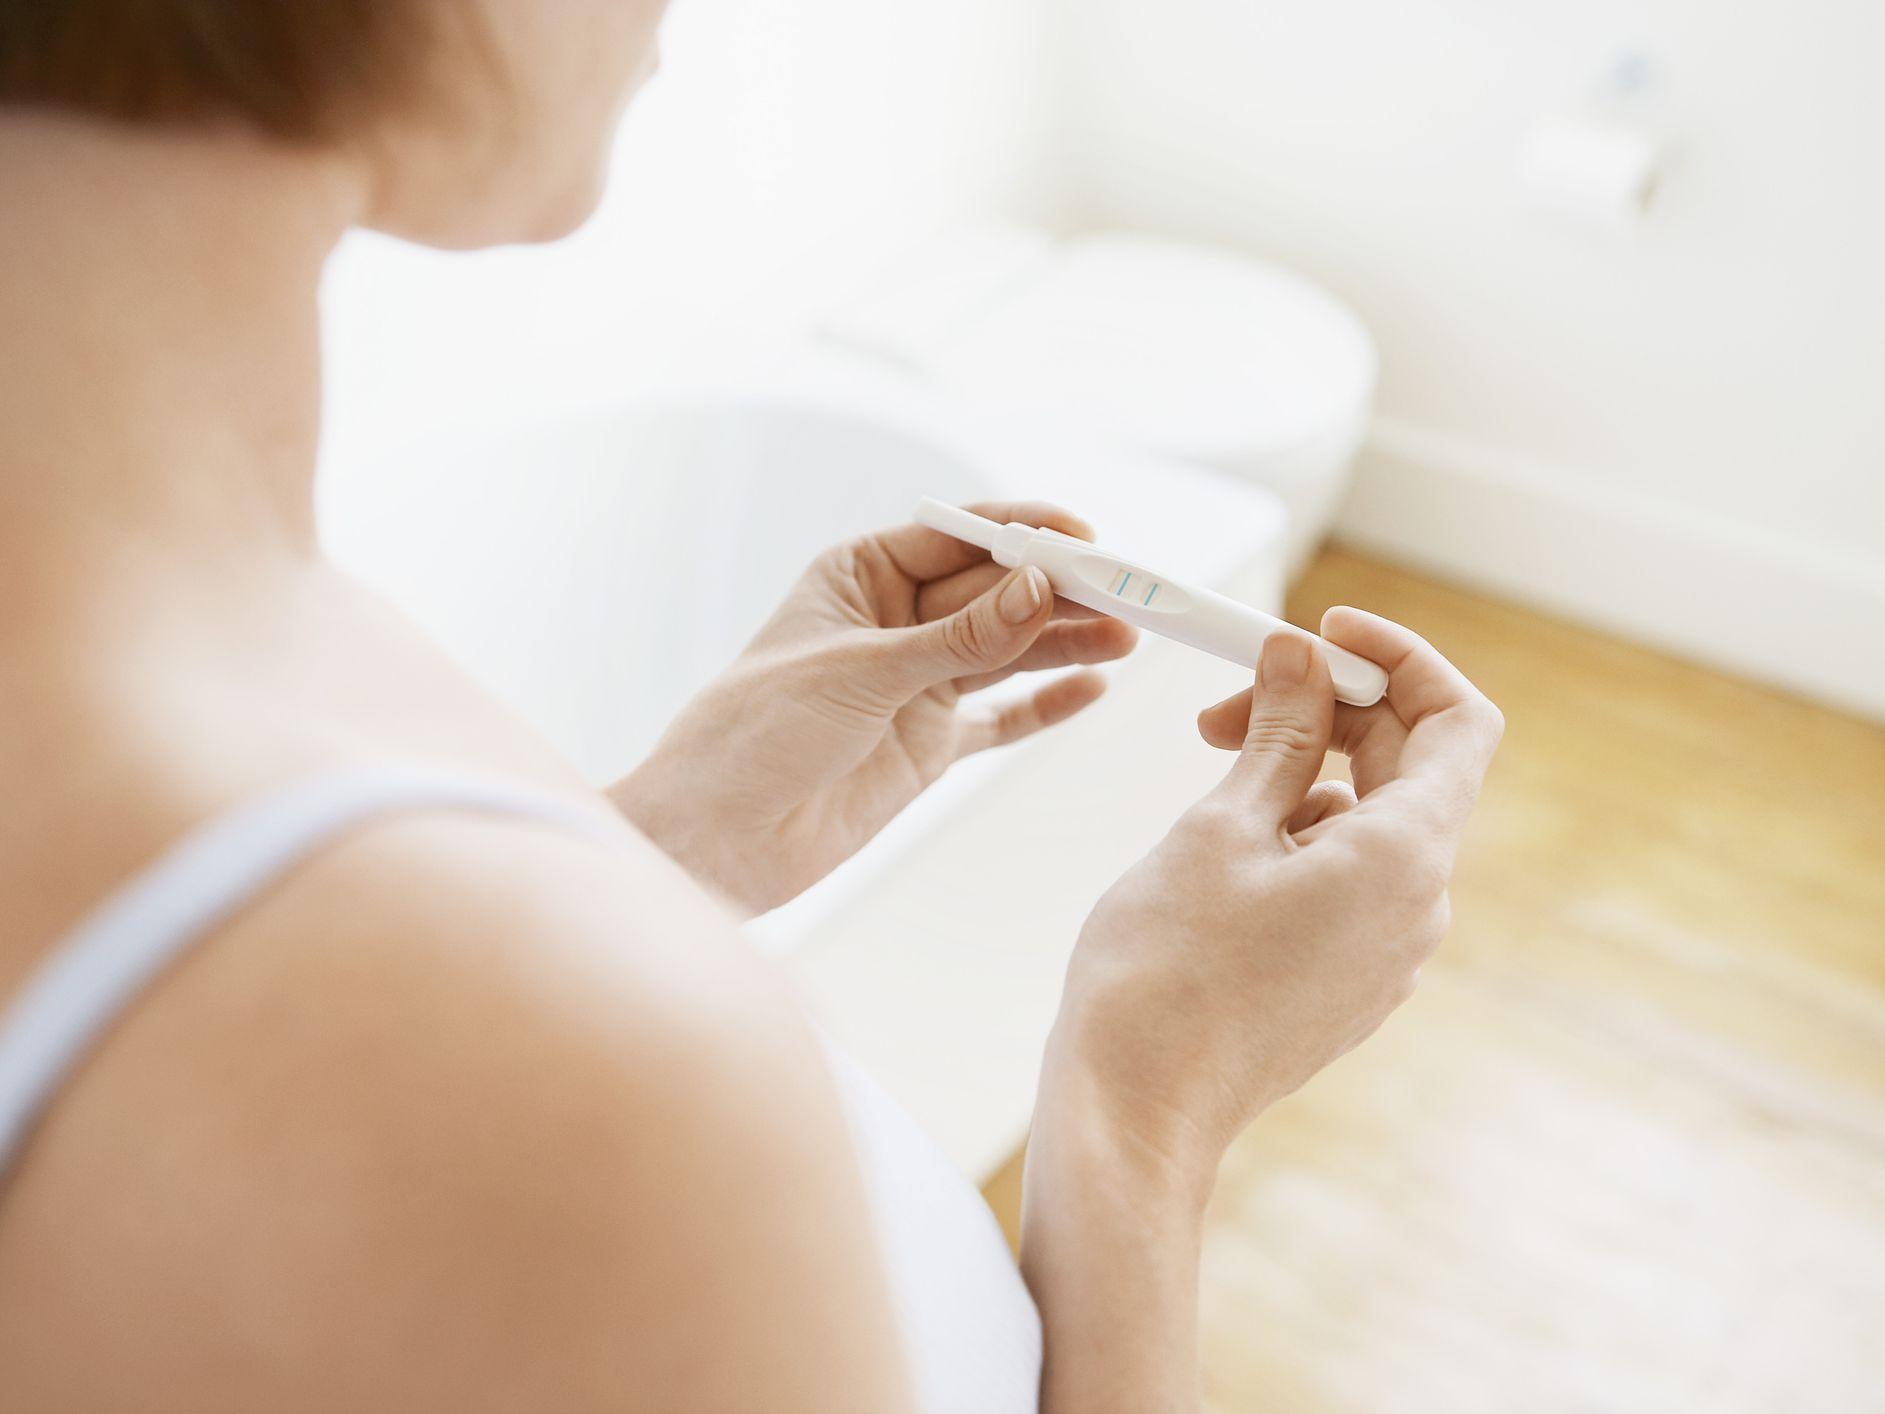 corres peligro de decidir encinta durante solfa syllable menstruacion